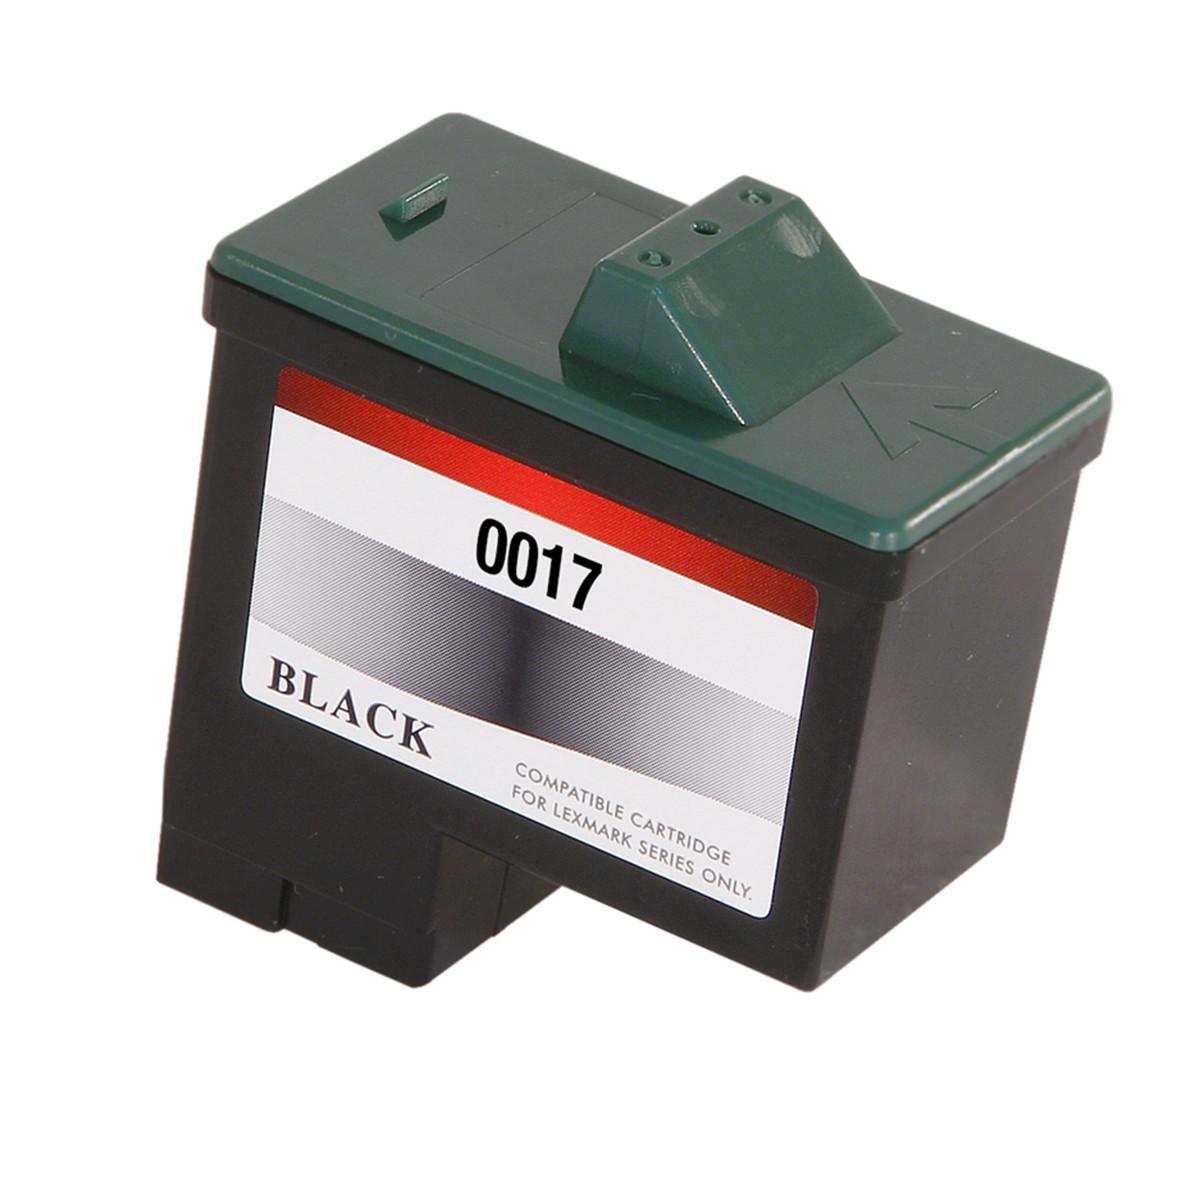 Cartucho de Tinta Compatível com Lexmark 17 10N217 Preto | Z23 Z25 Z33 Z13 X75 Z35 | 15ml